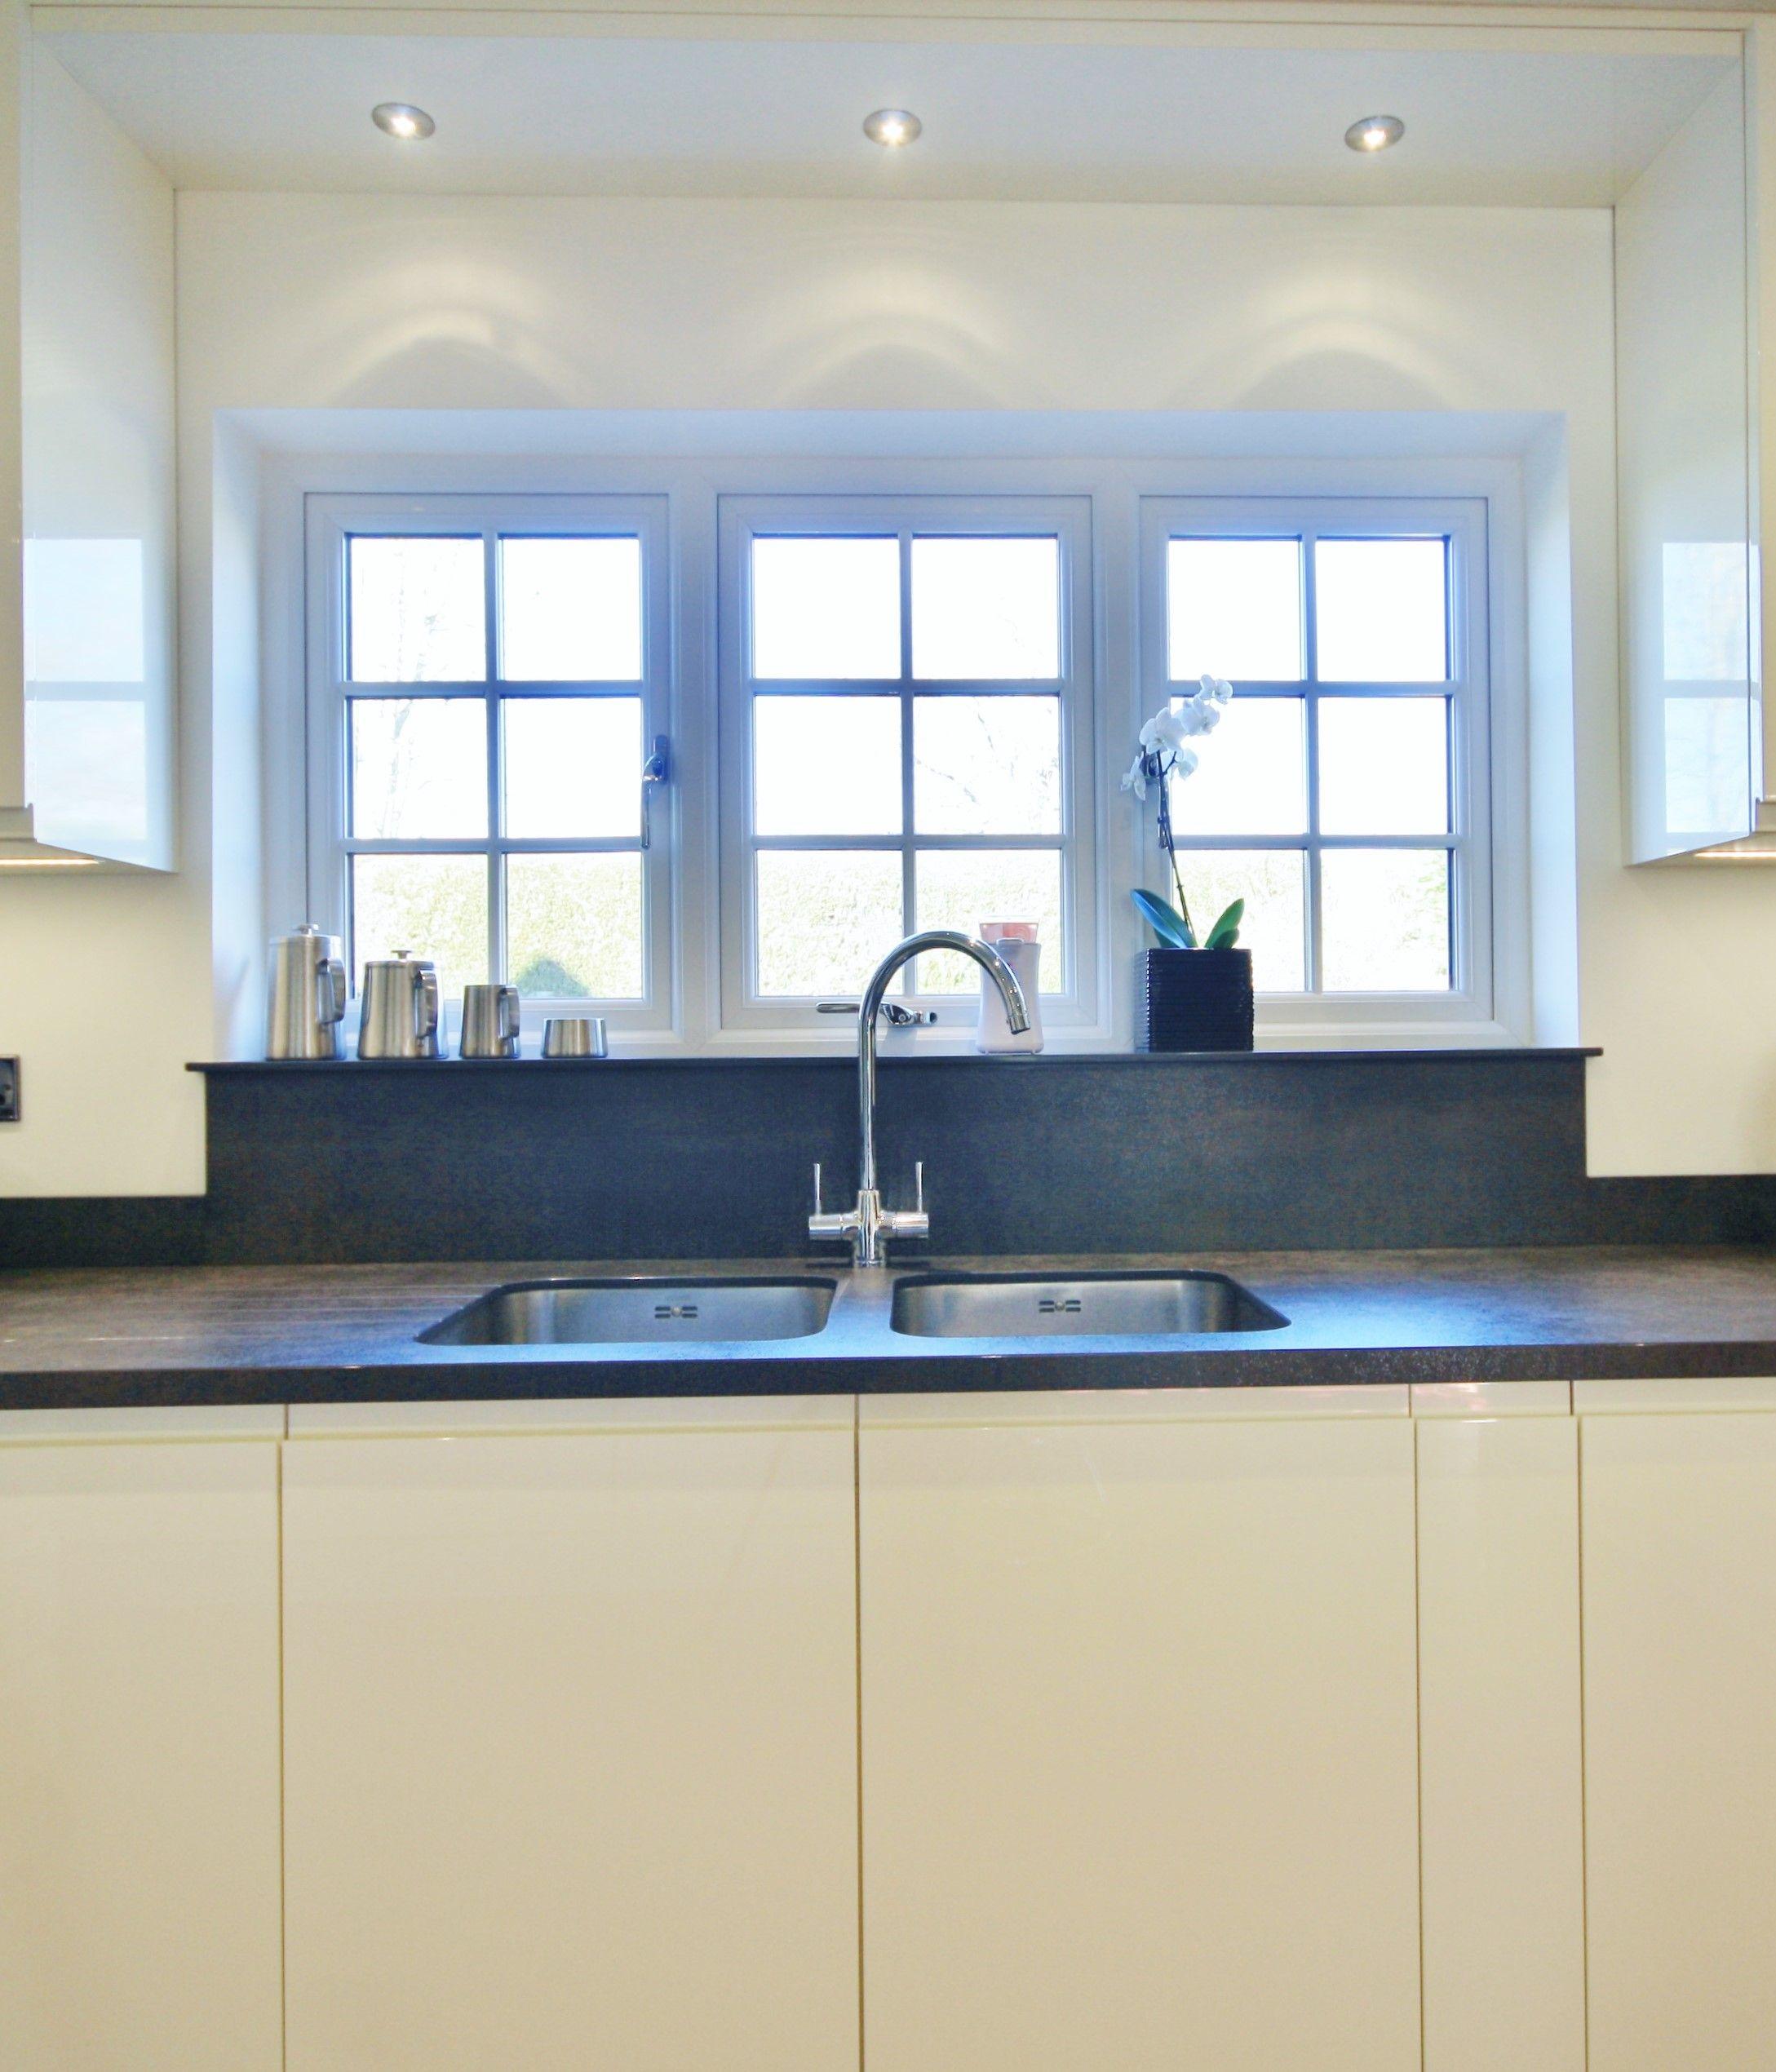 kitchen sink lighting